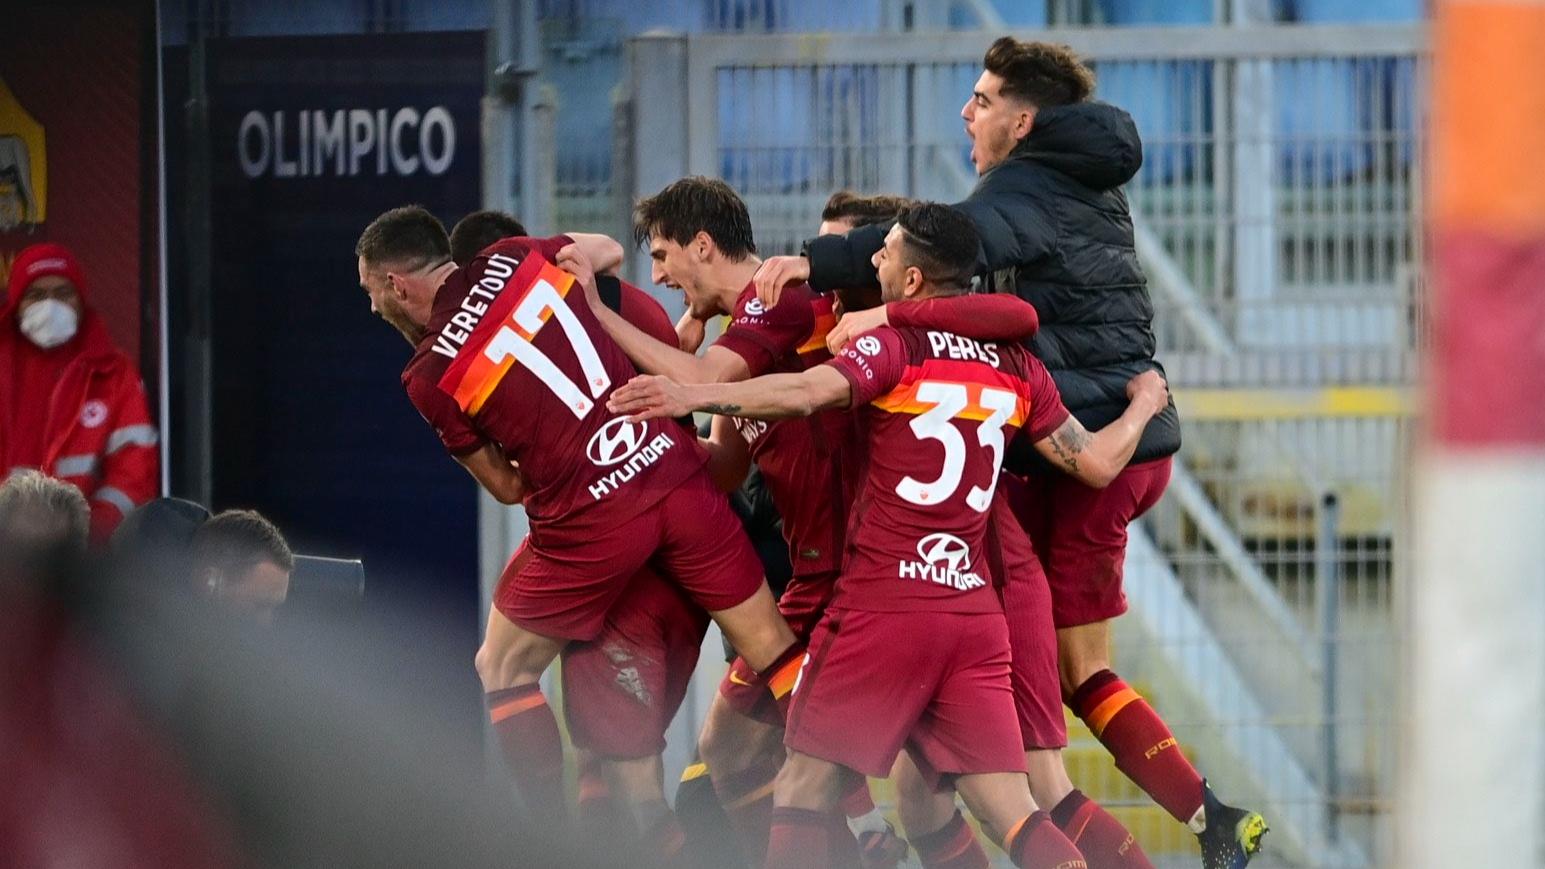 Roma, Spezia'dan kupanın rövanşını ligde aldı